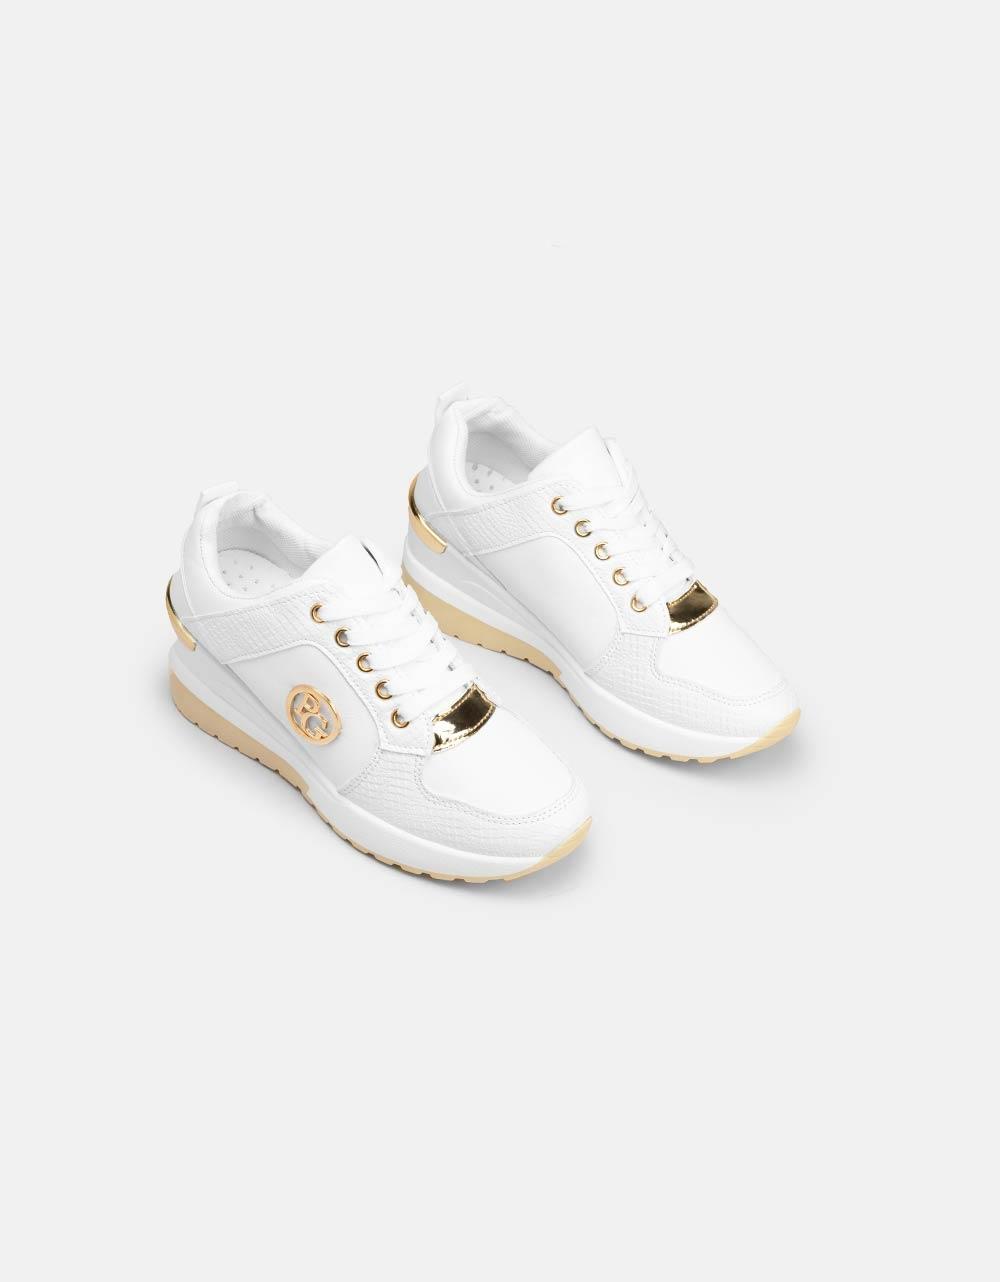 Εικόνα από Γυναικεία sneakers με κροκό λεπτομέρειες Λευκό